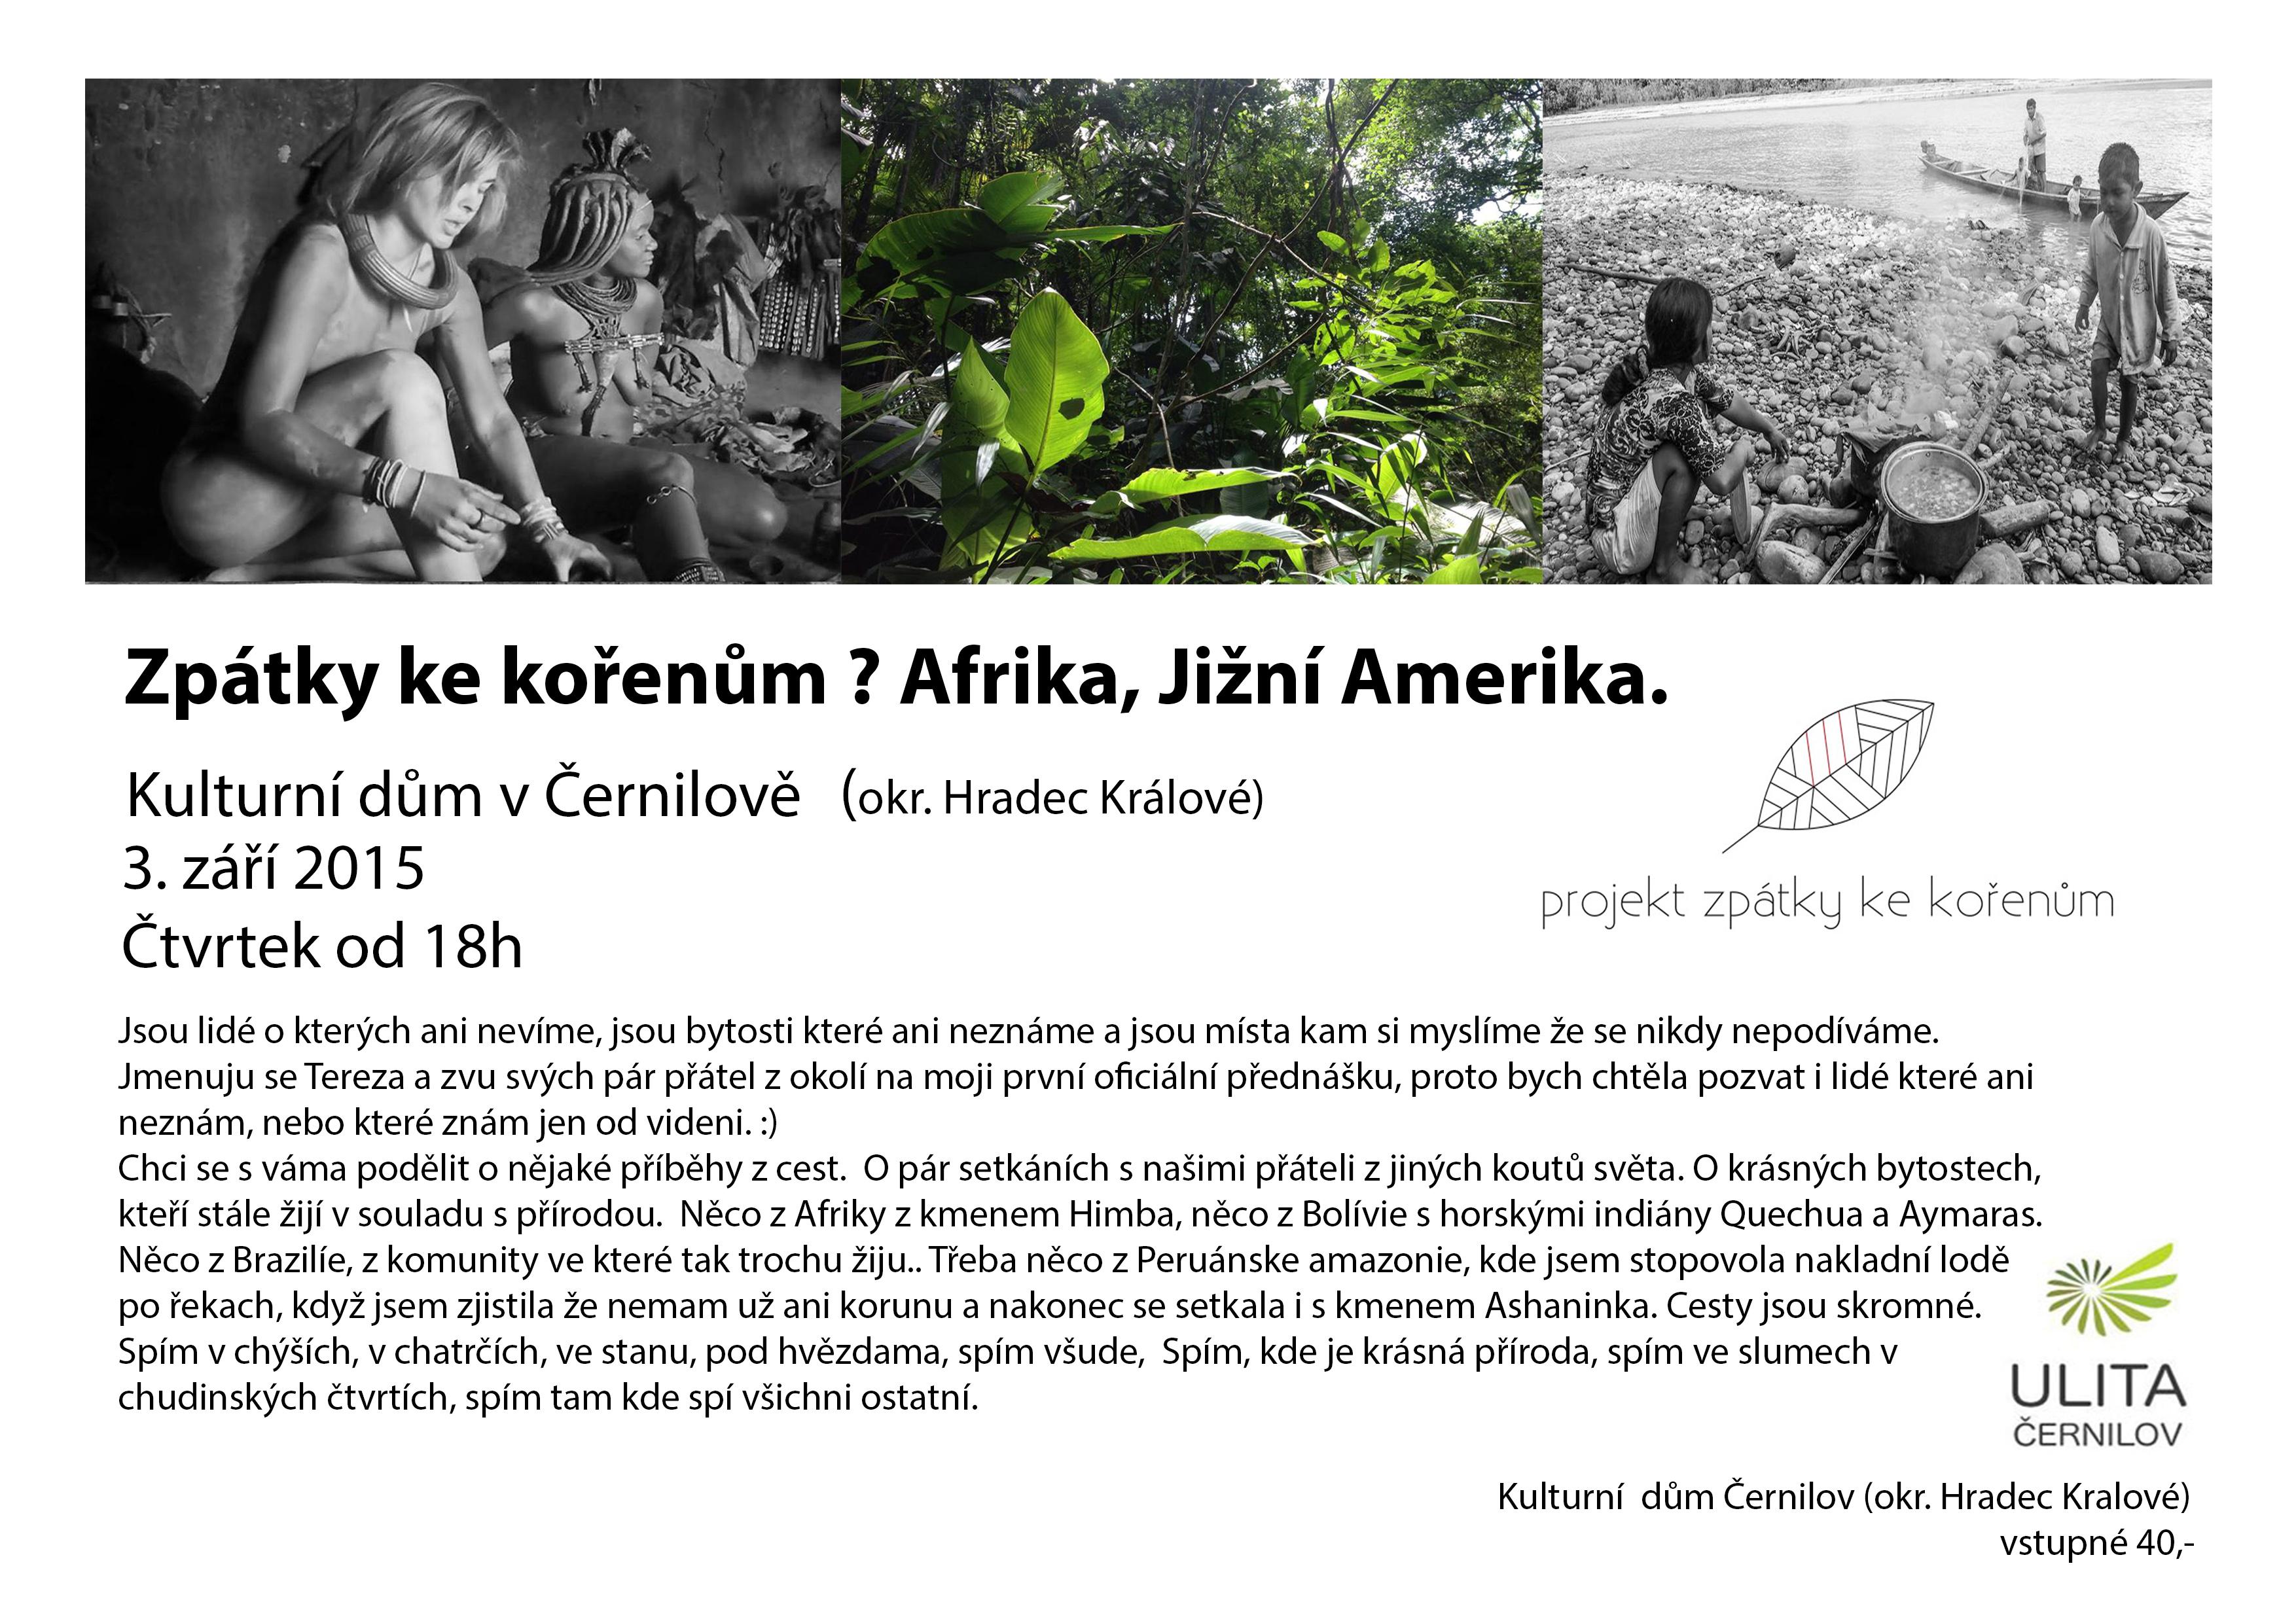 Zpátky ke kořenům? Afrika, Jižní Amerika